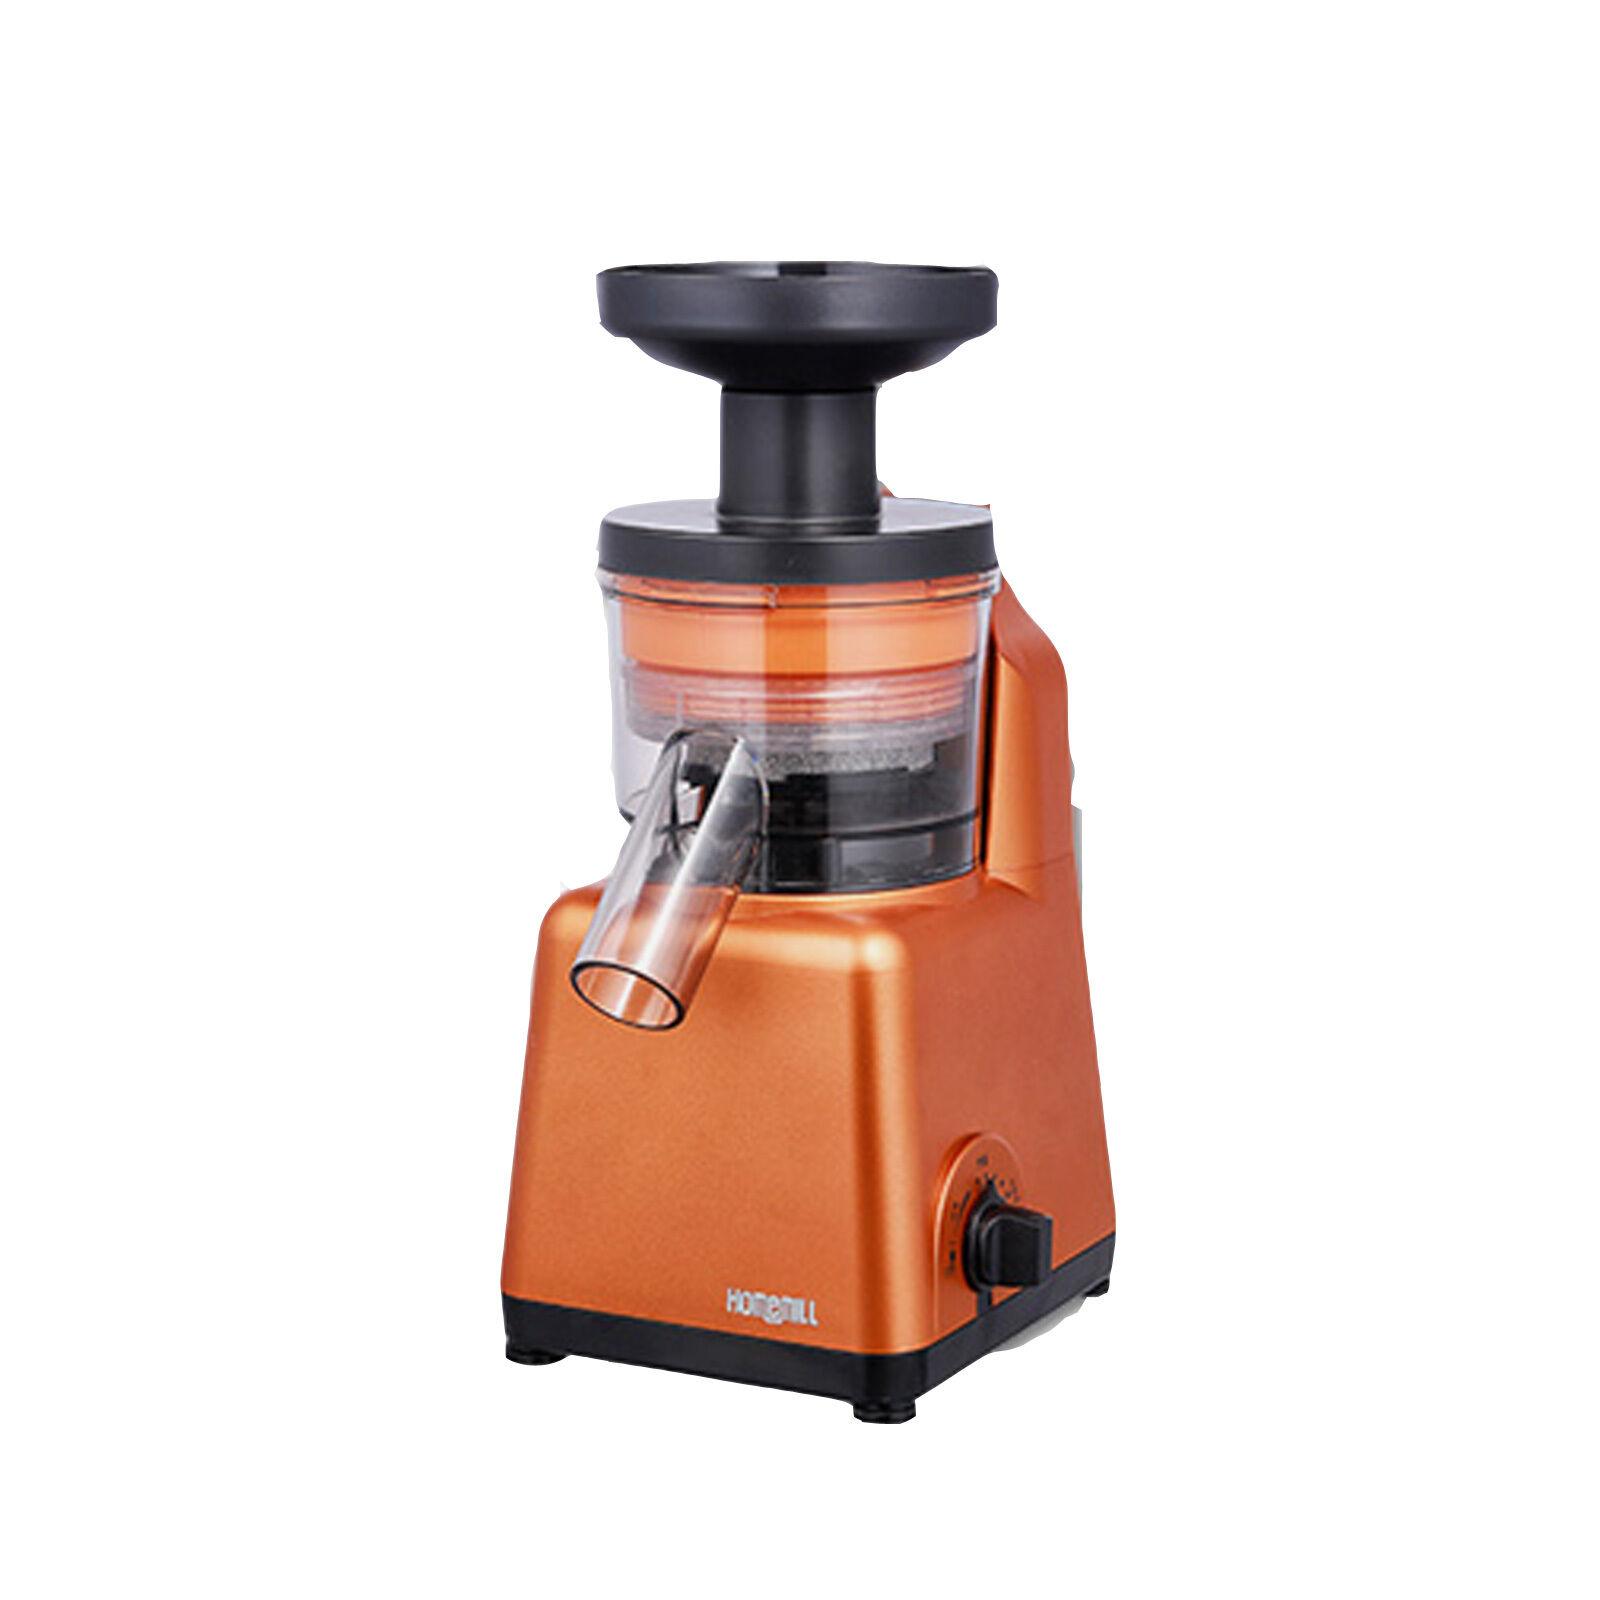 Homemill BS-1000 Elextric Mixer Extractor Juicer Crusher 220V Orange 2016 Ver.